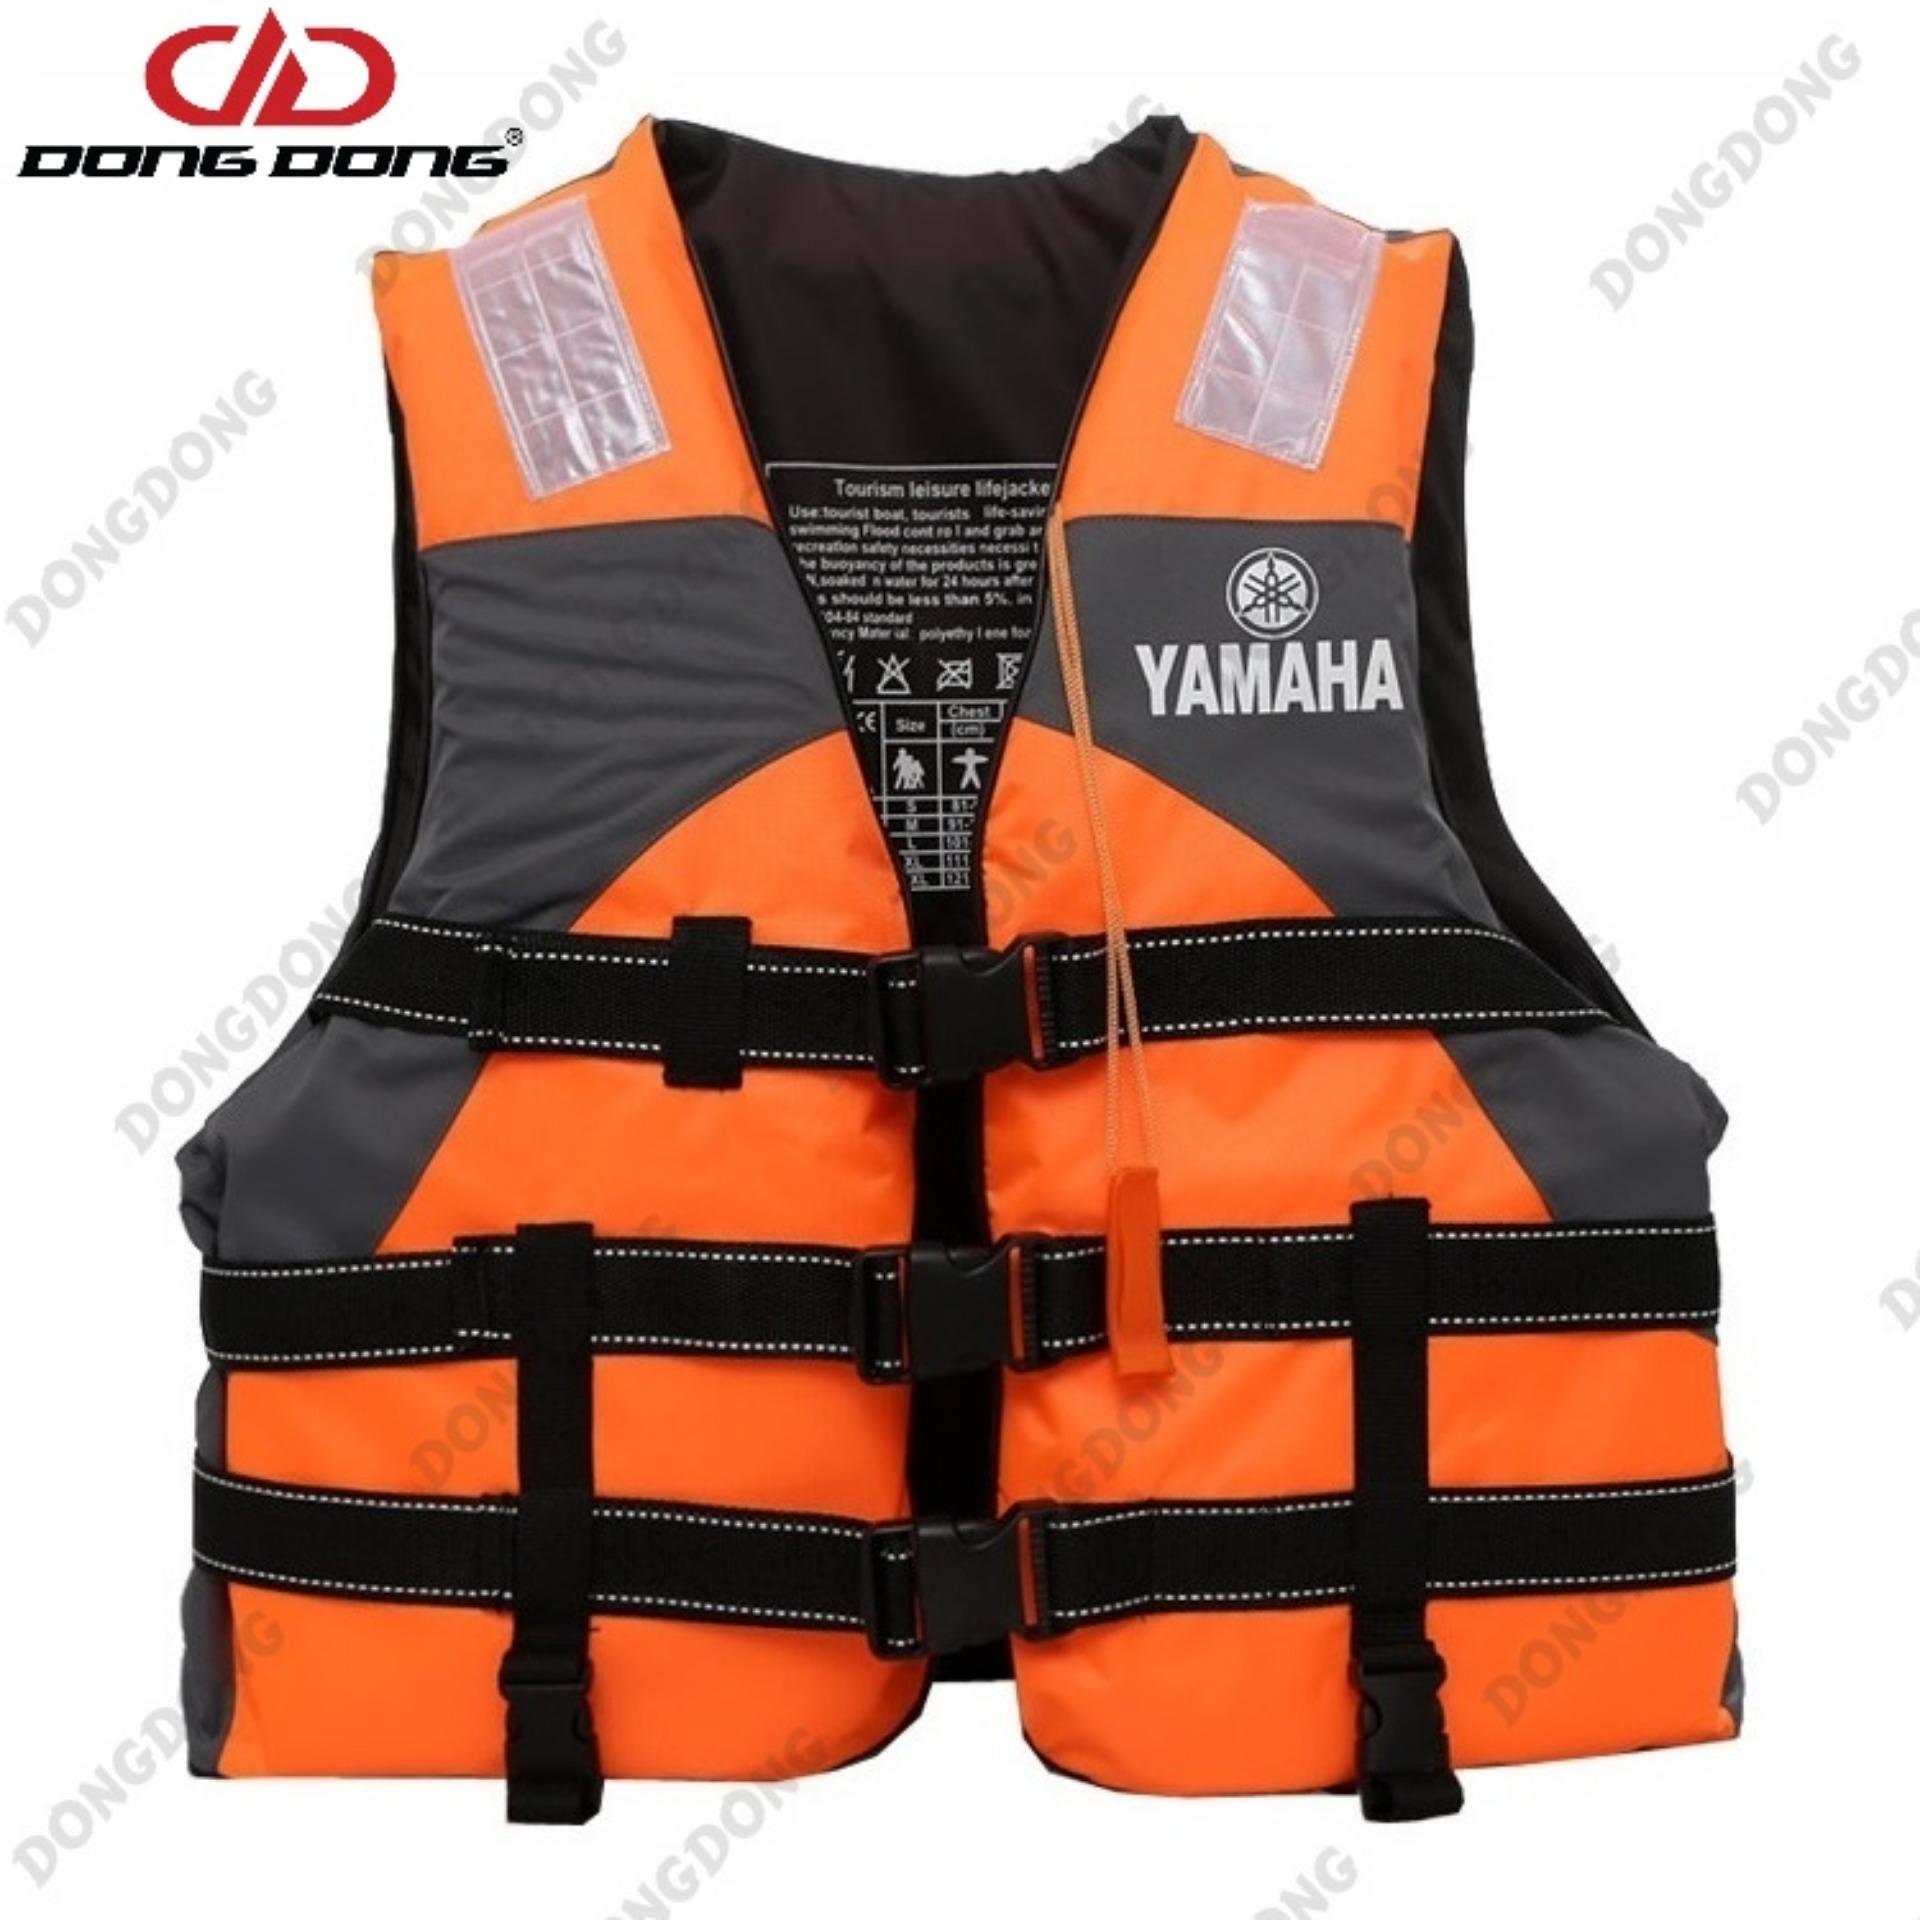 Bán Áo phao bơi cứu hộ YA, áo phao chuyên dùng cho các môn thể thao dưới nước, đặt tiêu chuẩn EU cao cấp - DONGDONG